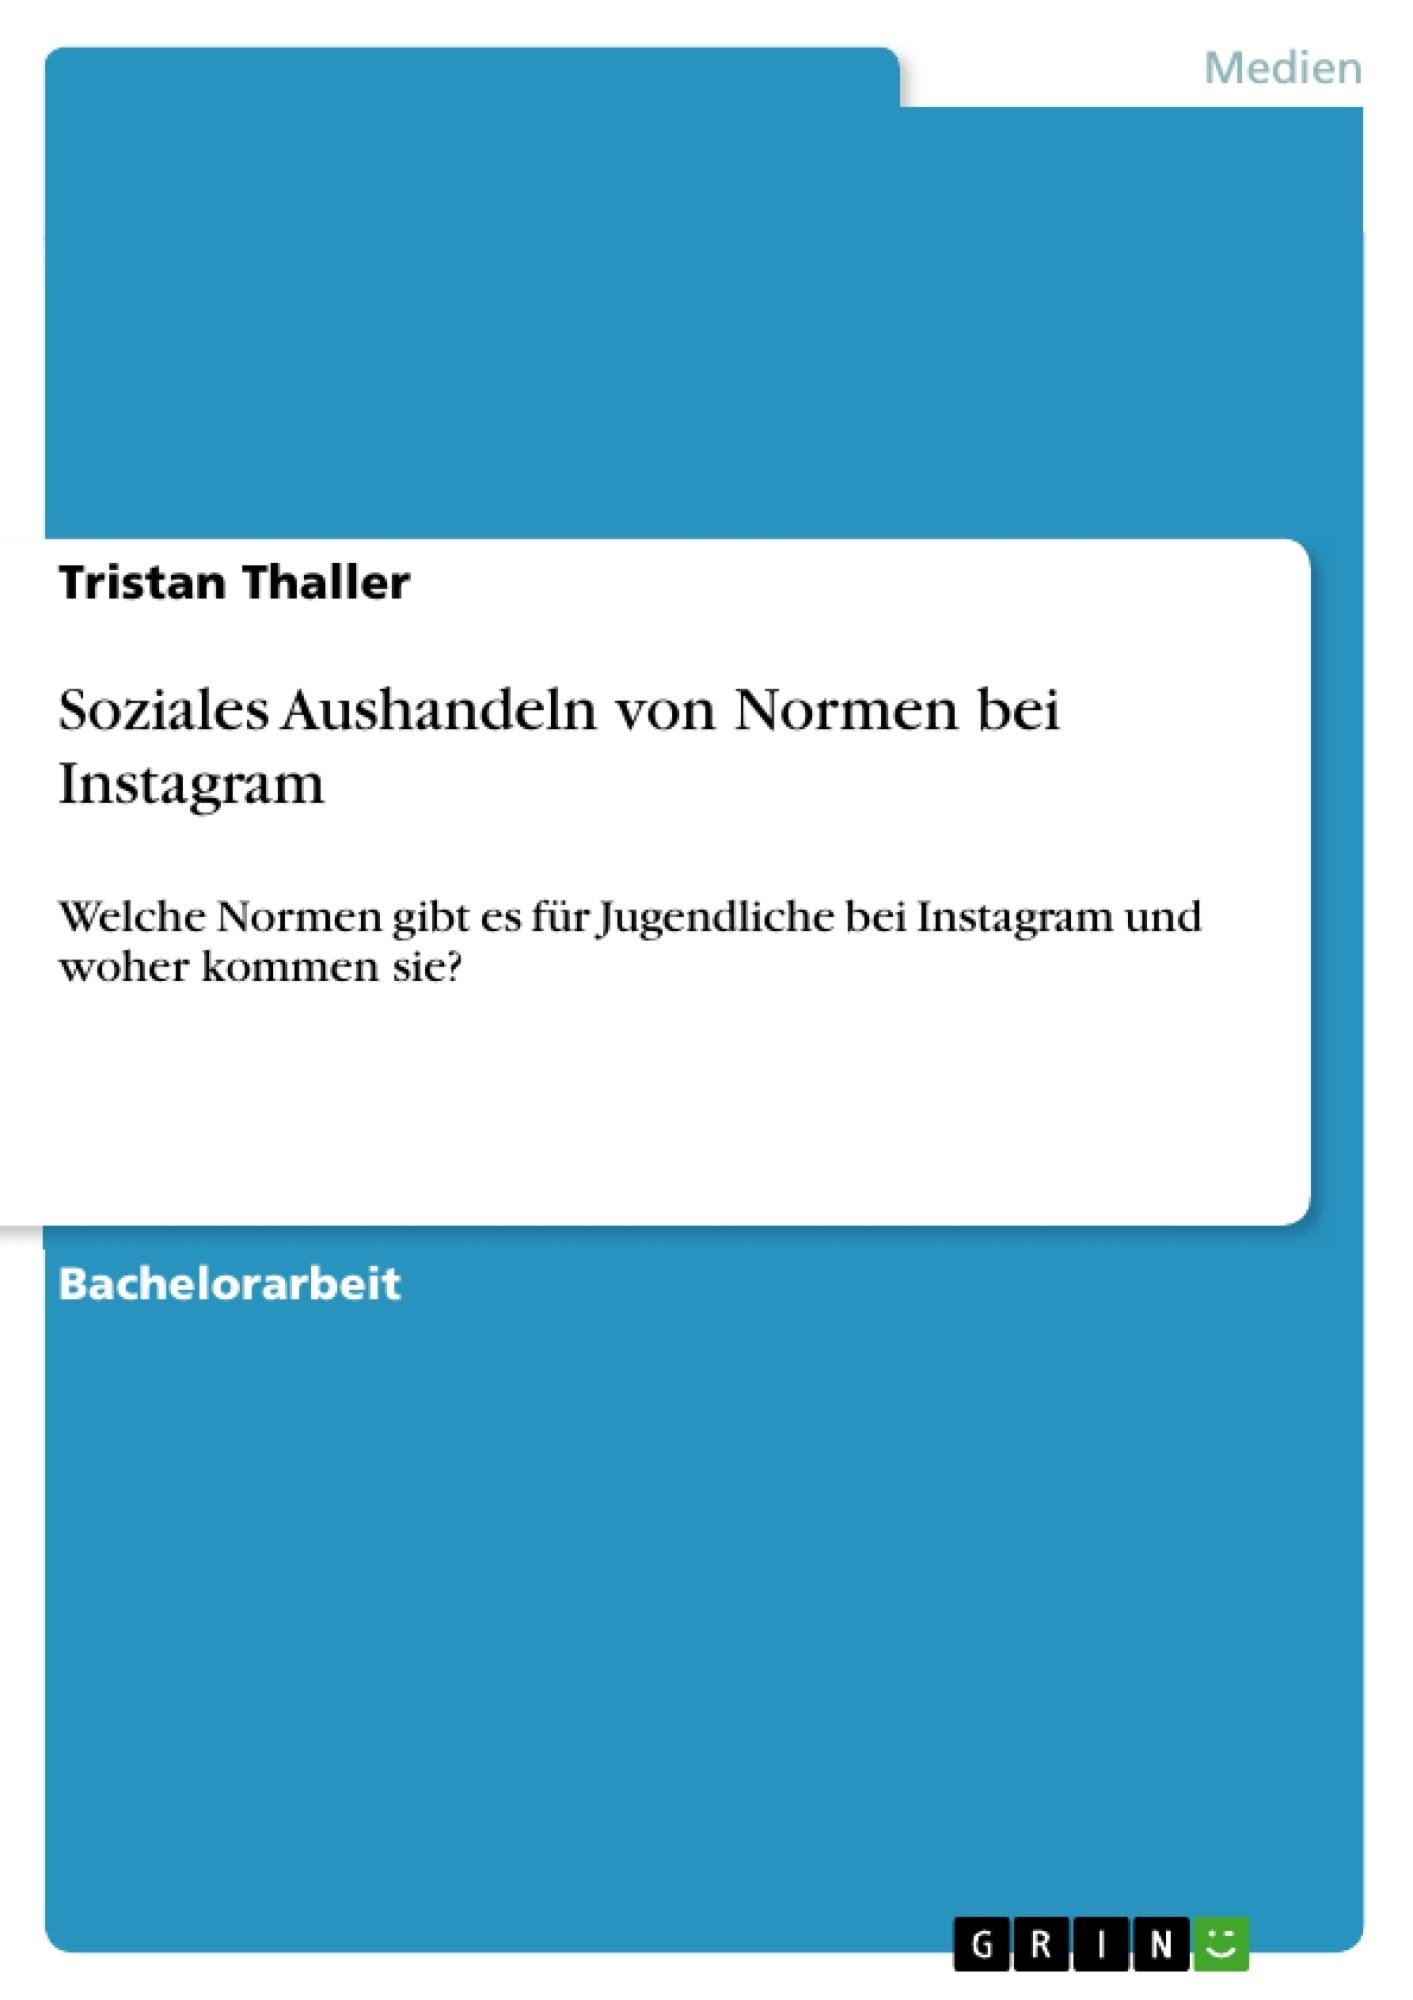 Titel: Soziales Aushandeln von Normen bei Instagram